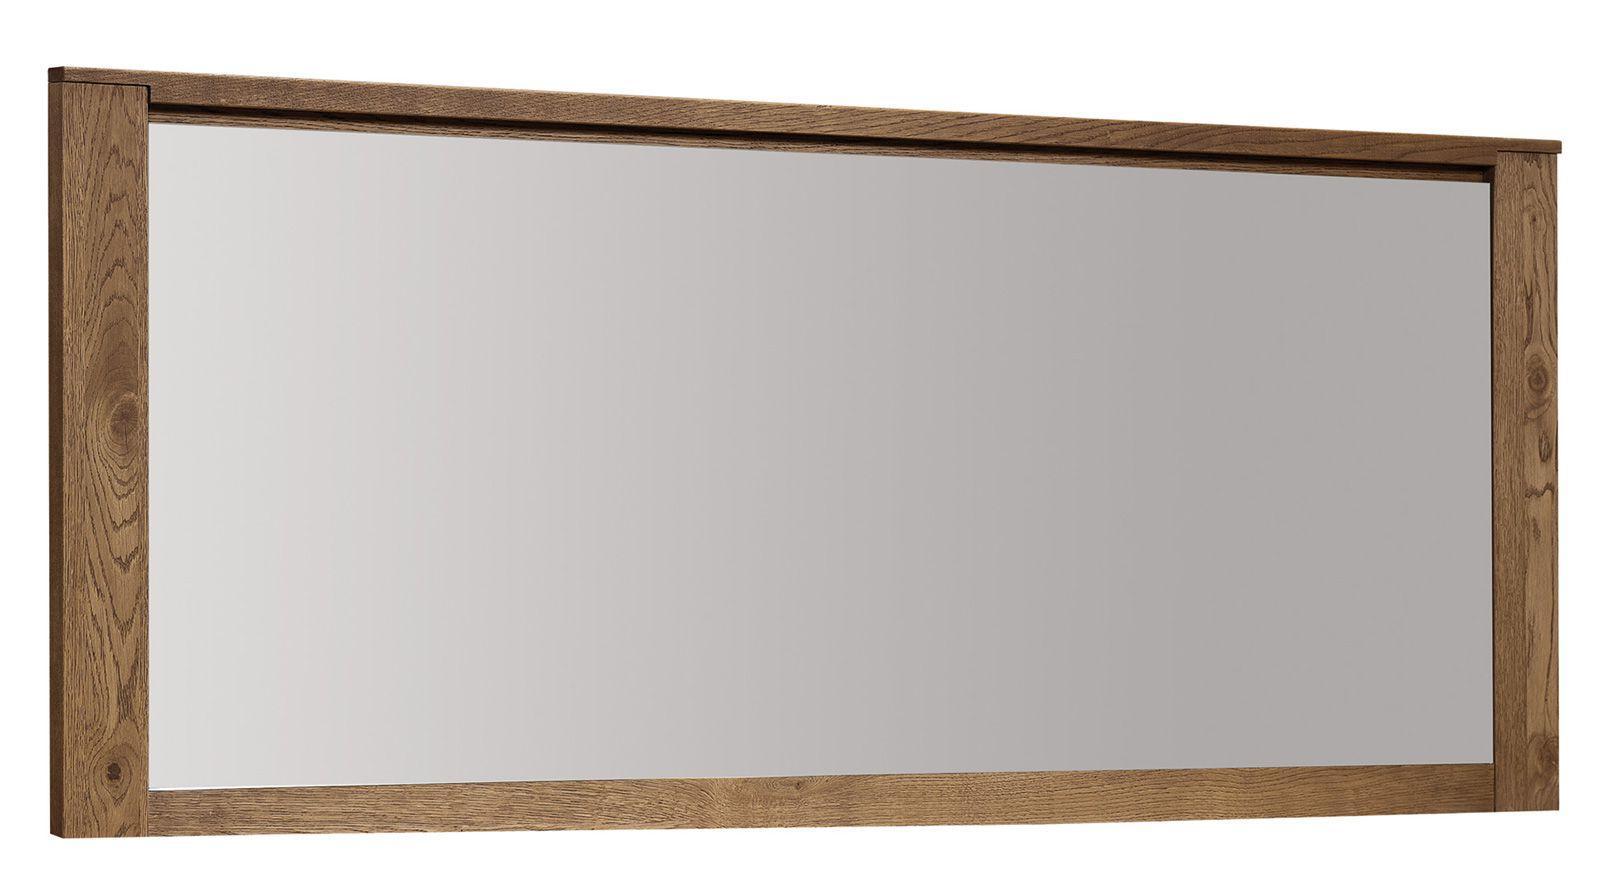 """Spiegel """"Alimos"""" Wildeiche natur 59, teilmassiv - 70 x 164 x 4,5 cm (H x B x T)"""